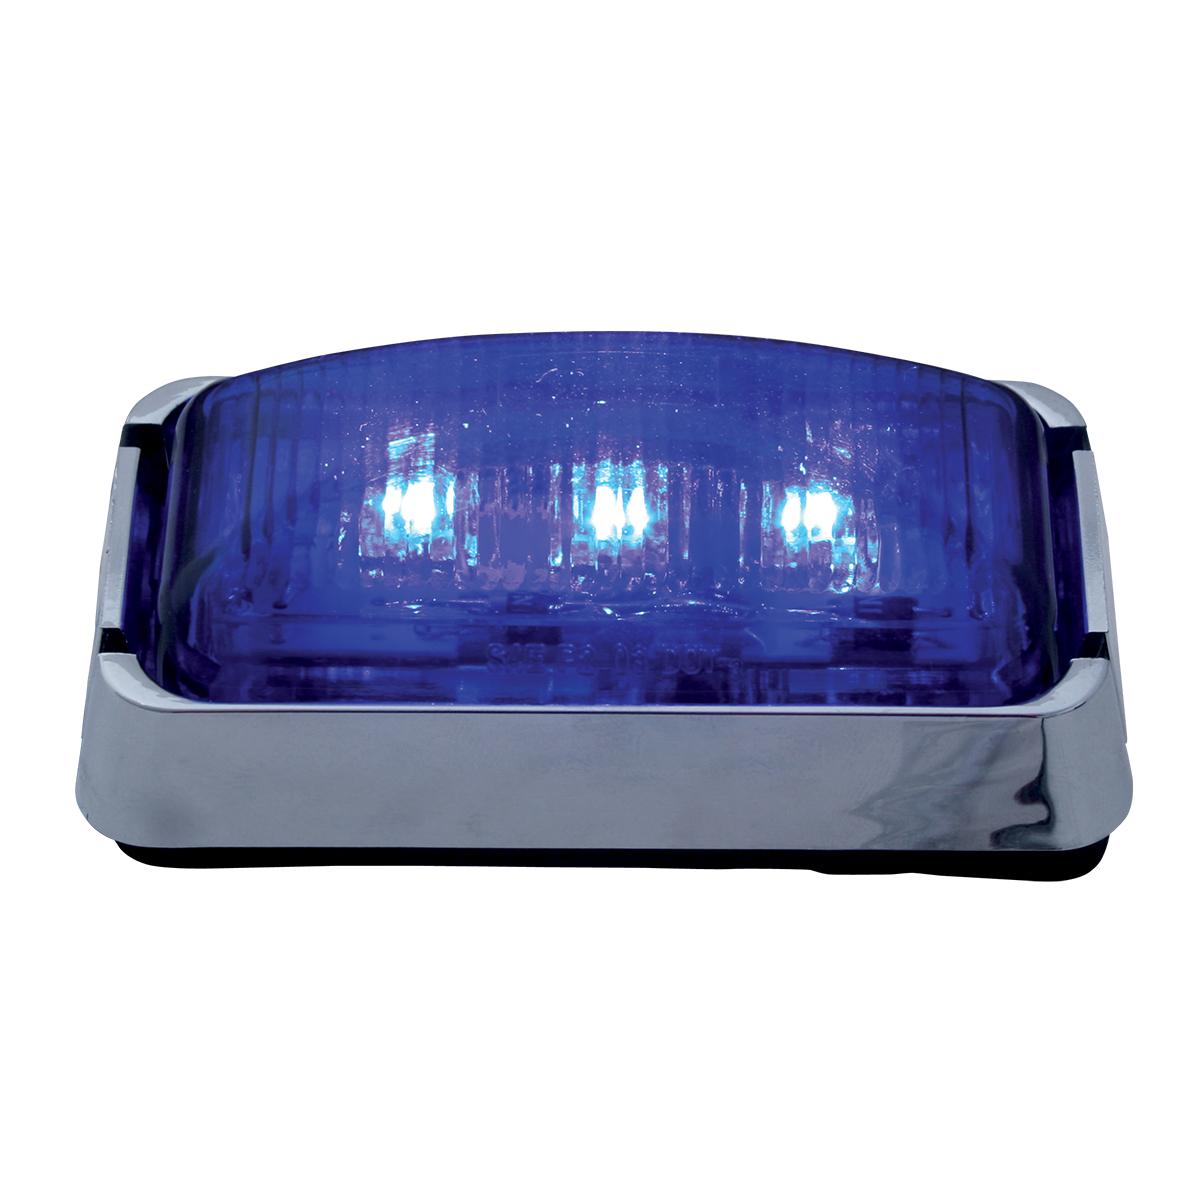 87637 Small Rectangular LED Marker Light with Chrome Bracket